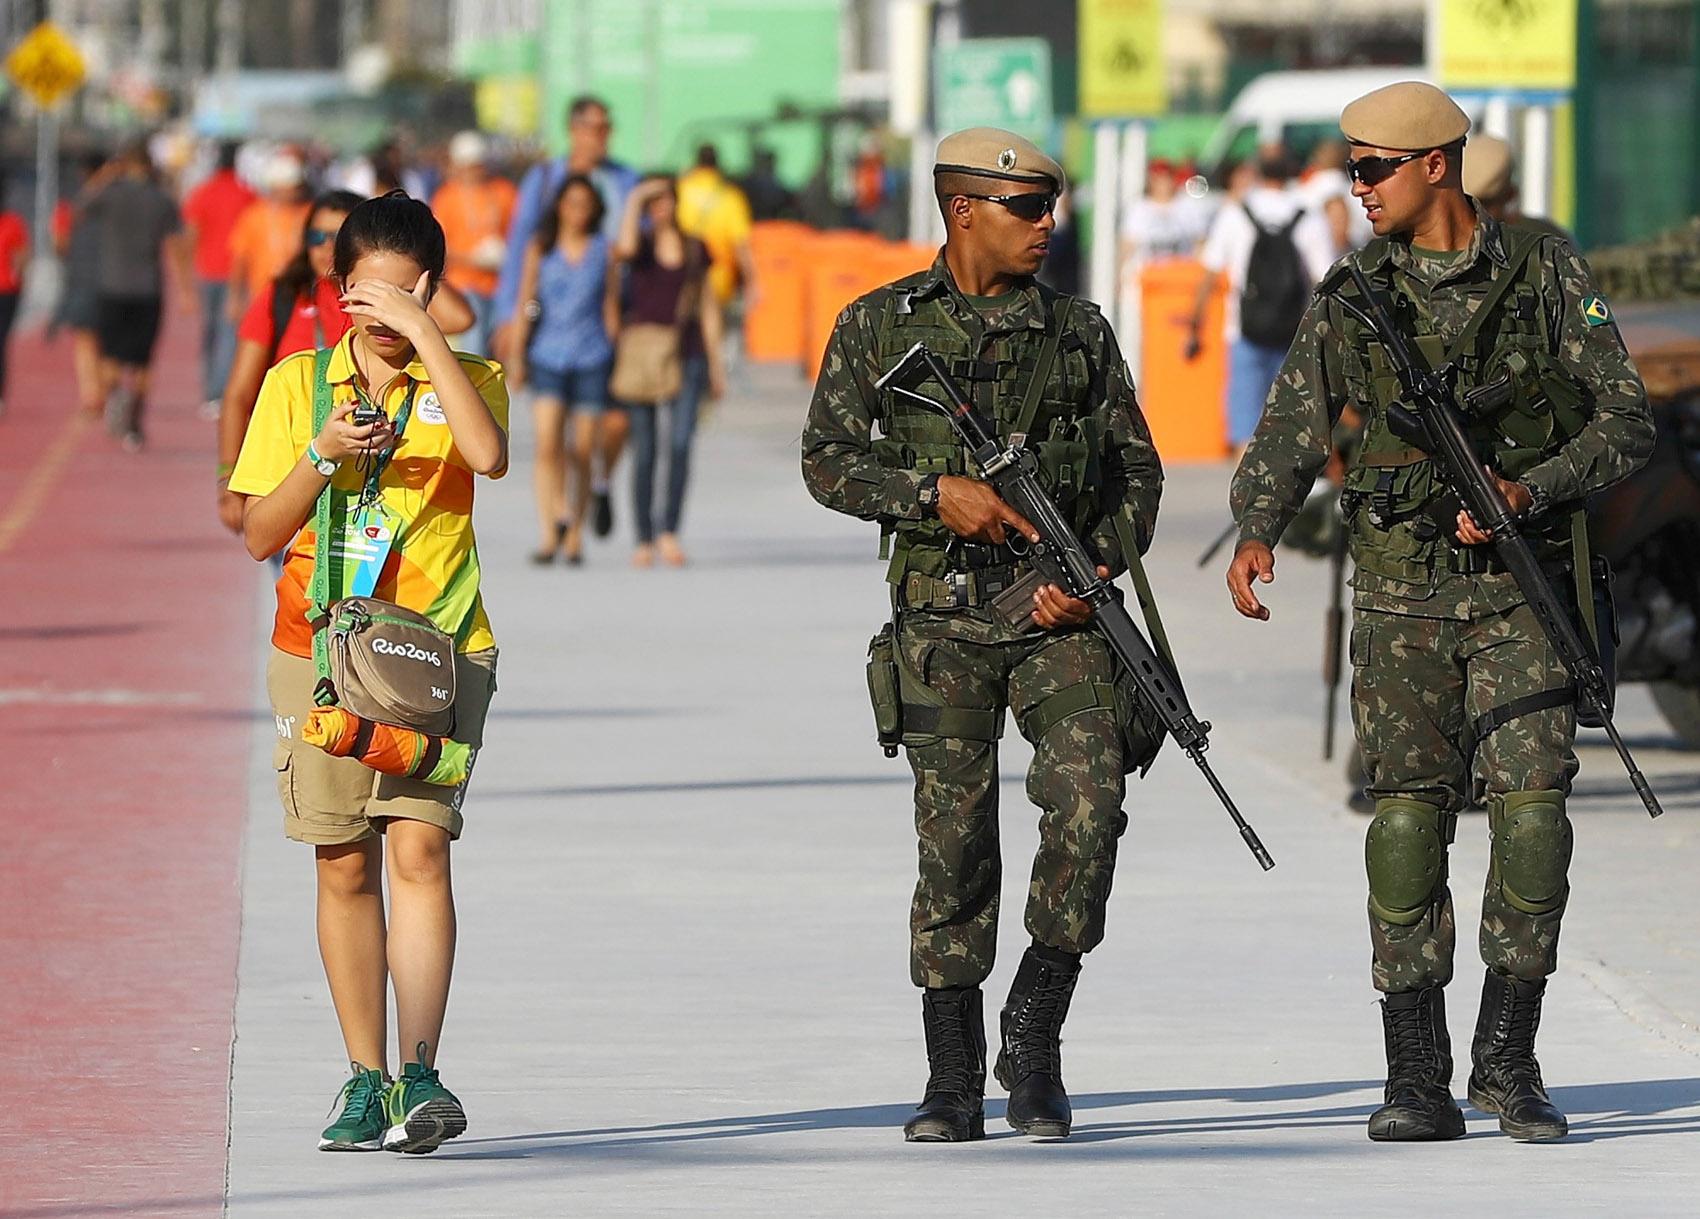 Soldados patrulham o Parque Olímpico, no Rio de Janeiro, antes da cerimônia de abertura dos Jogos Rio 2016